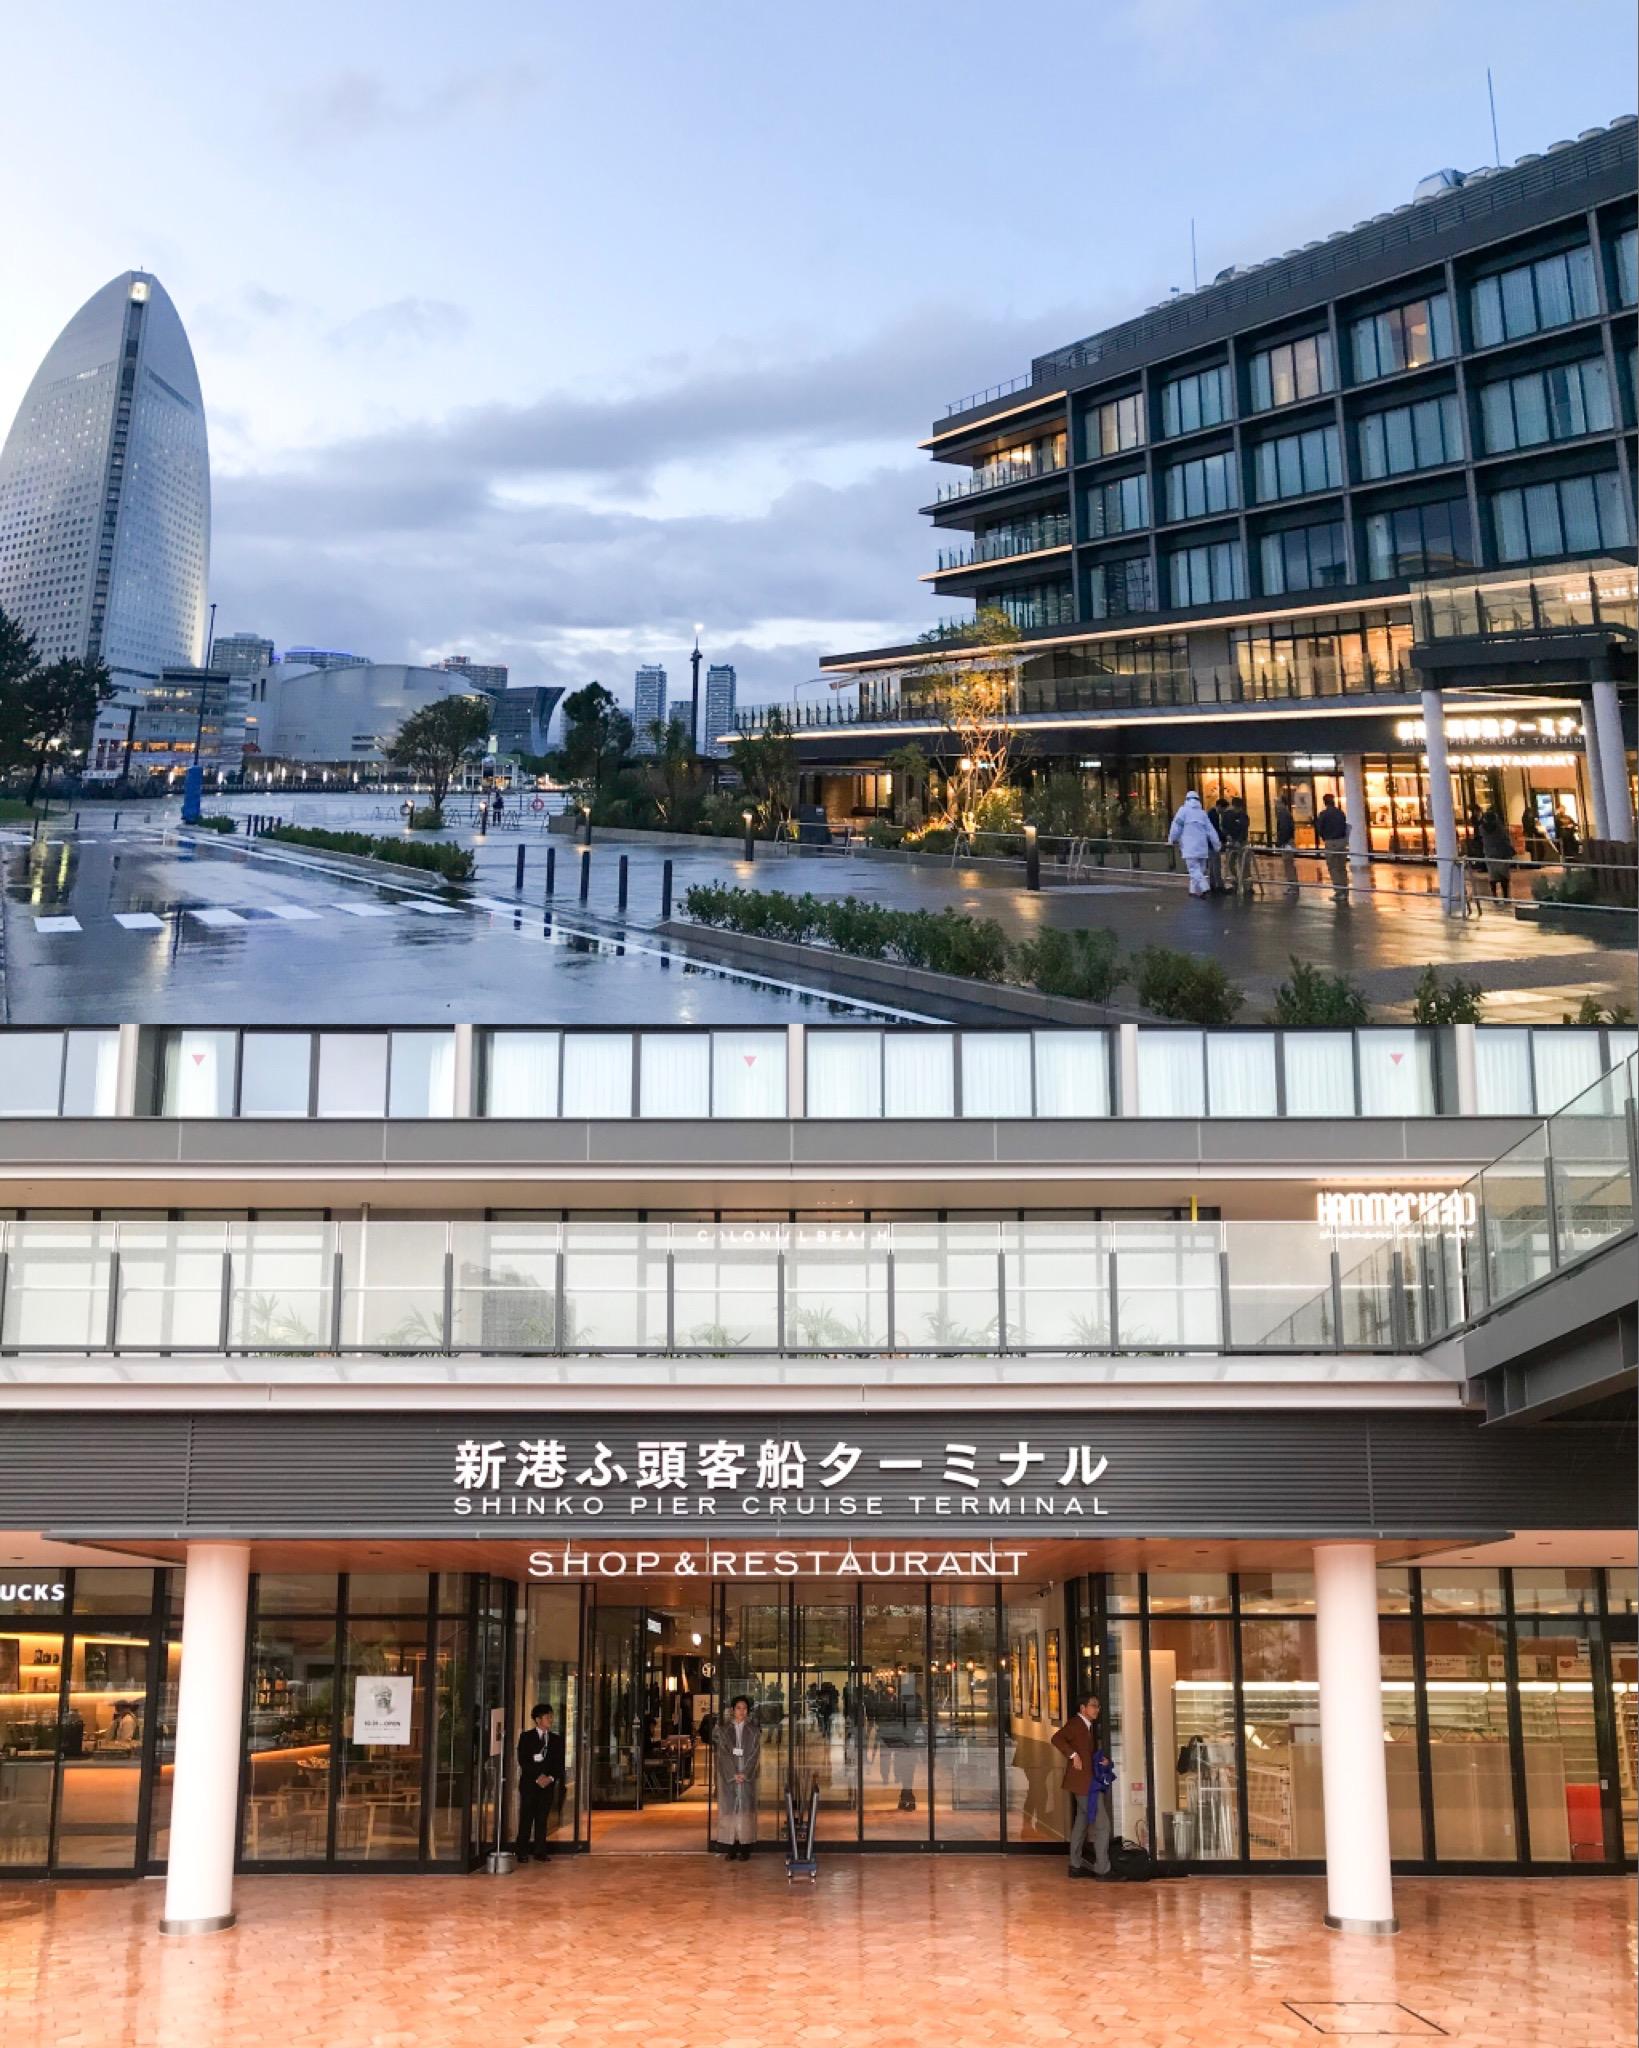 みなとみらい新スポット『横浜ハンマーヘッド』がオープン! おしゃれカフェ、お土産におすすめなグルメショップ5選 photoGallery_1_2